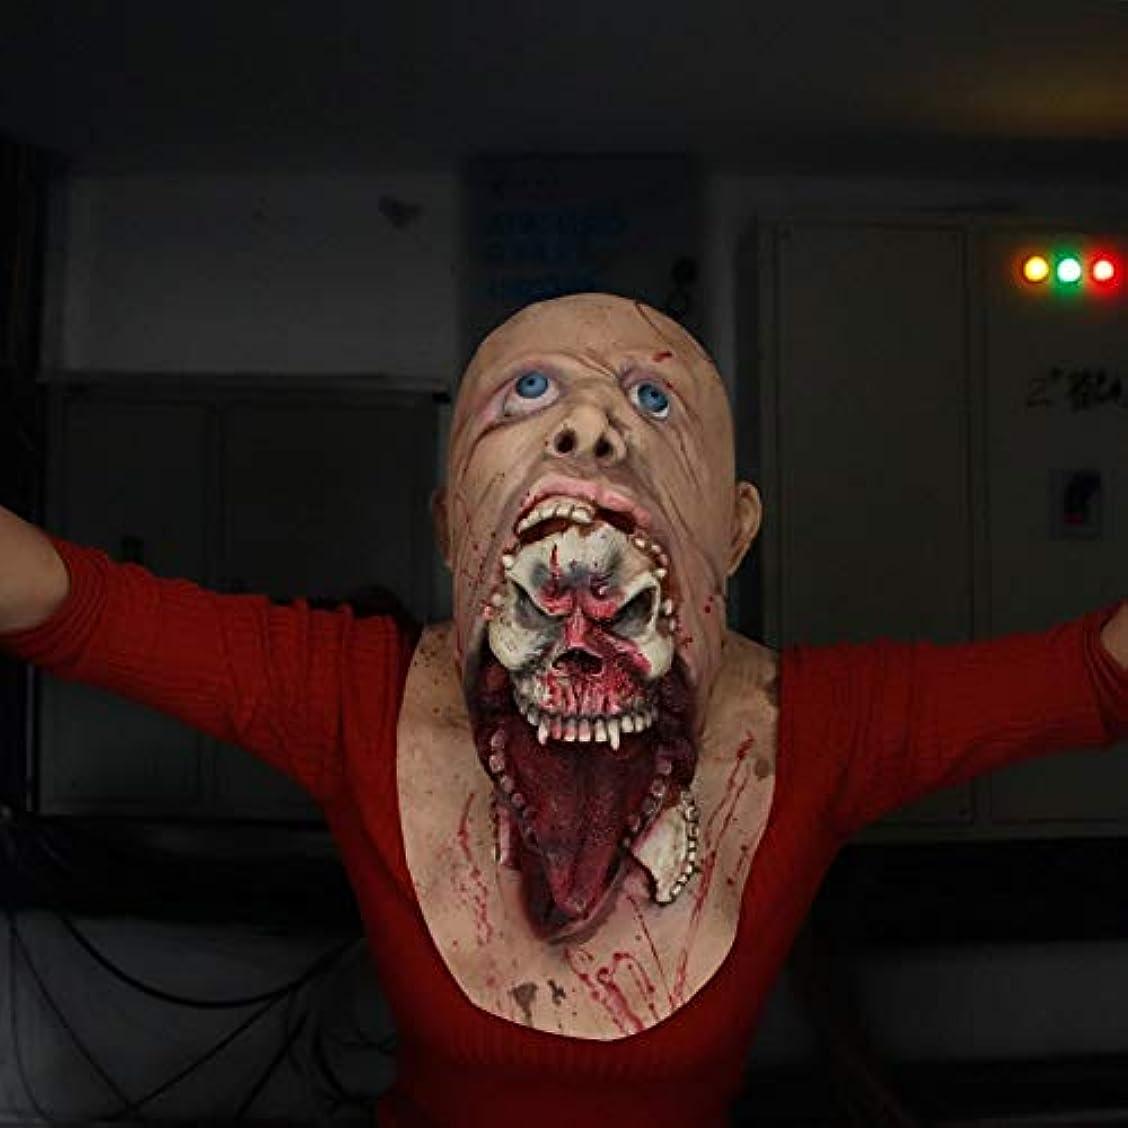 誘う憂鬱な模索ラテックスゾンビハロウィーンマスク、怖い寄生虫マスク、怖い残酷なラテックスマスク